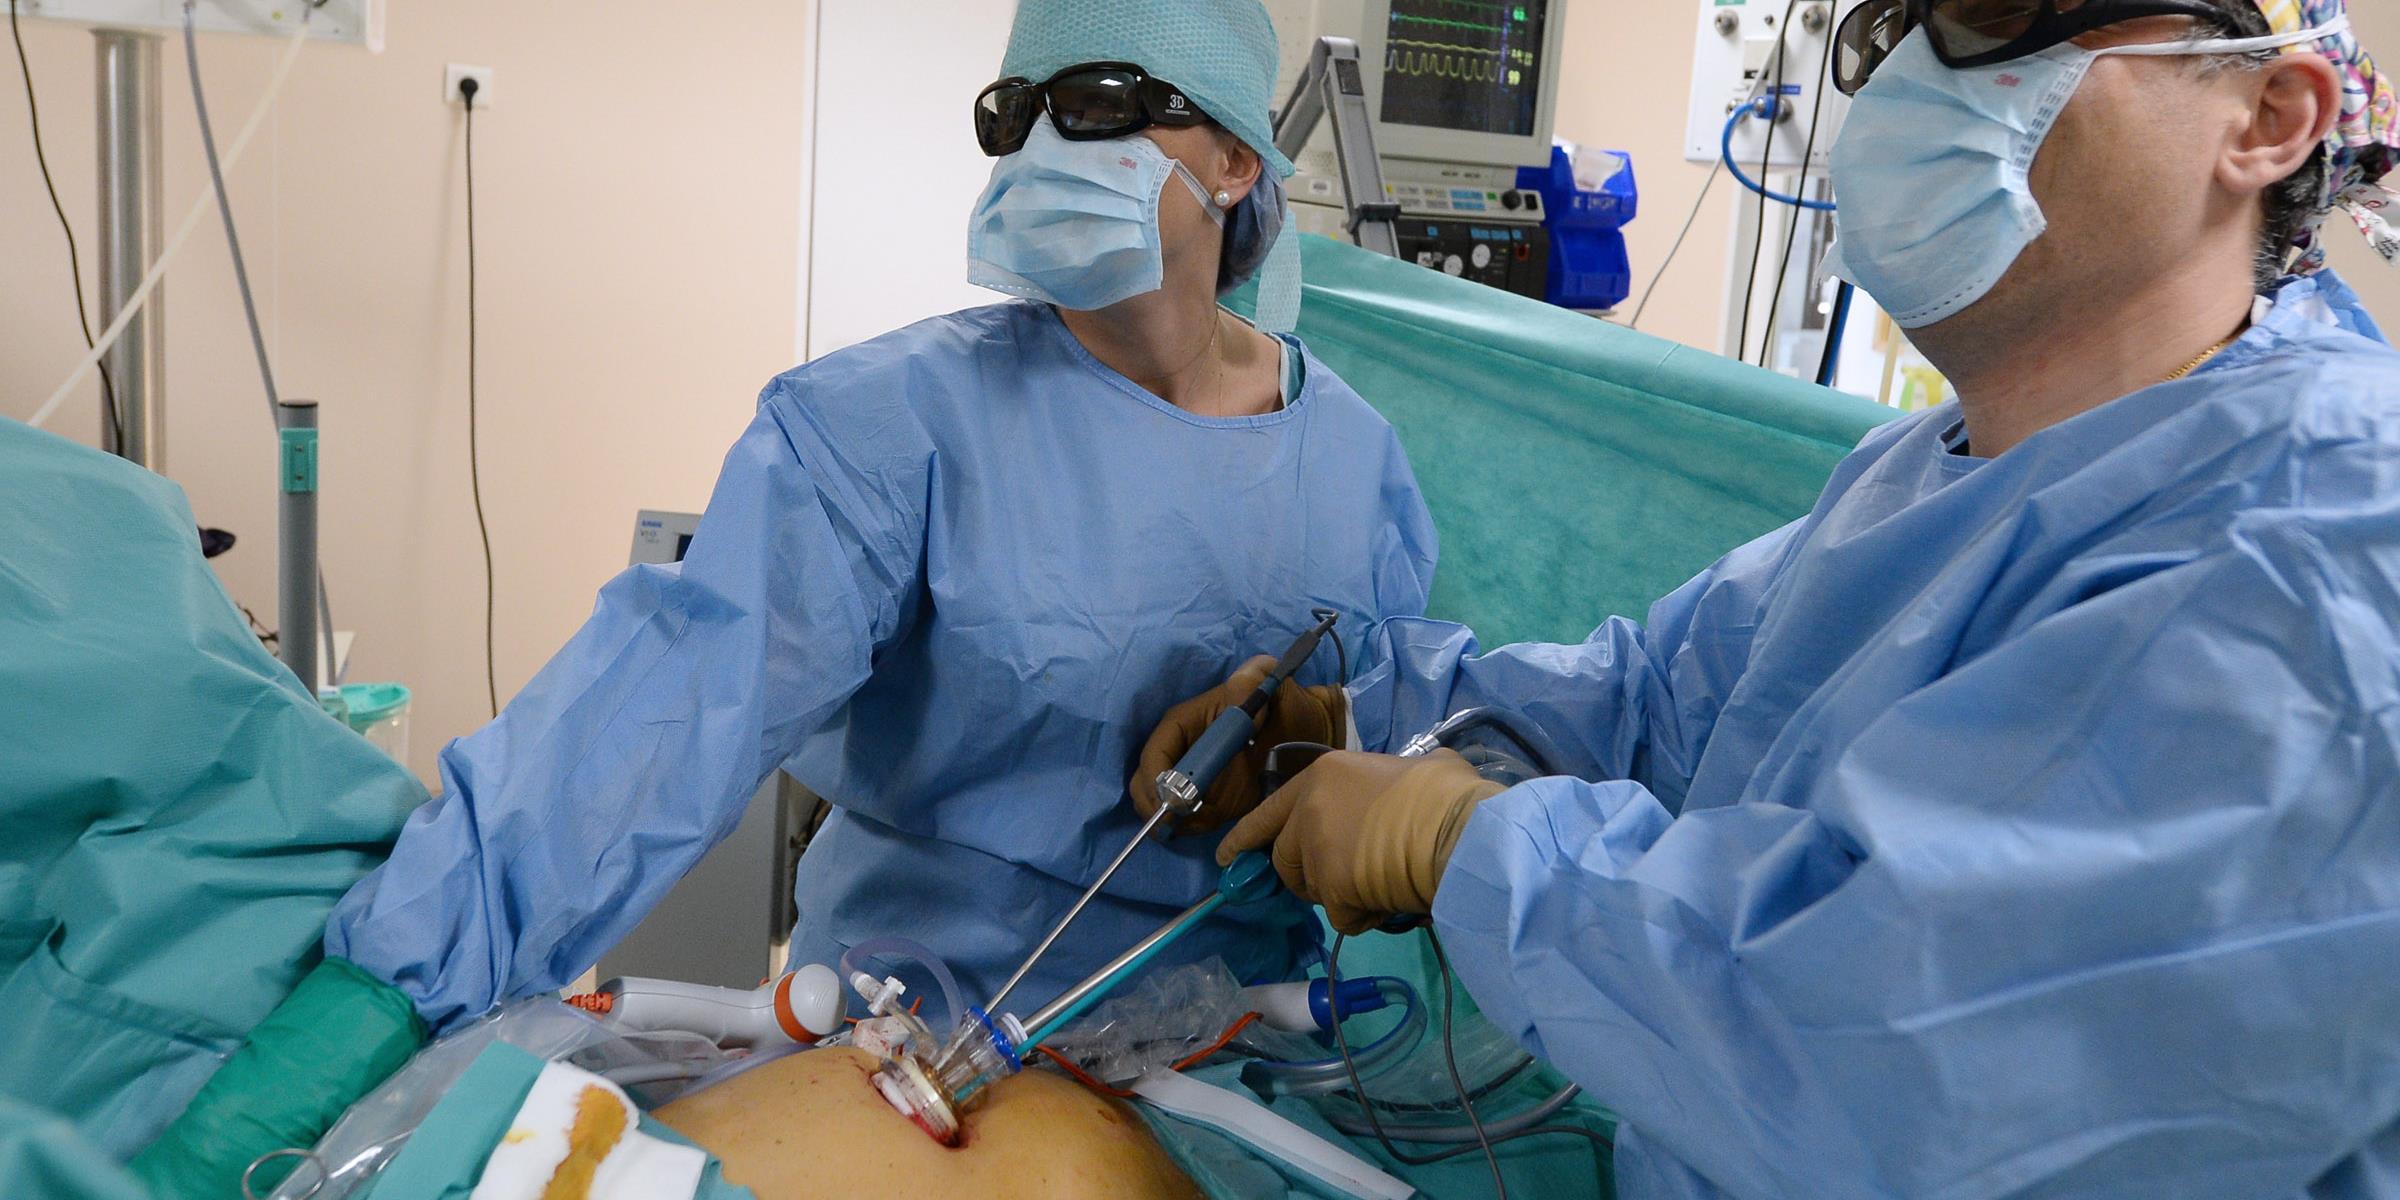 Tágítás vagy bypass műtét? - Magyar Nemzeti Szívalapítvány